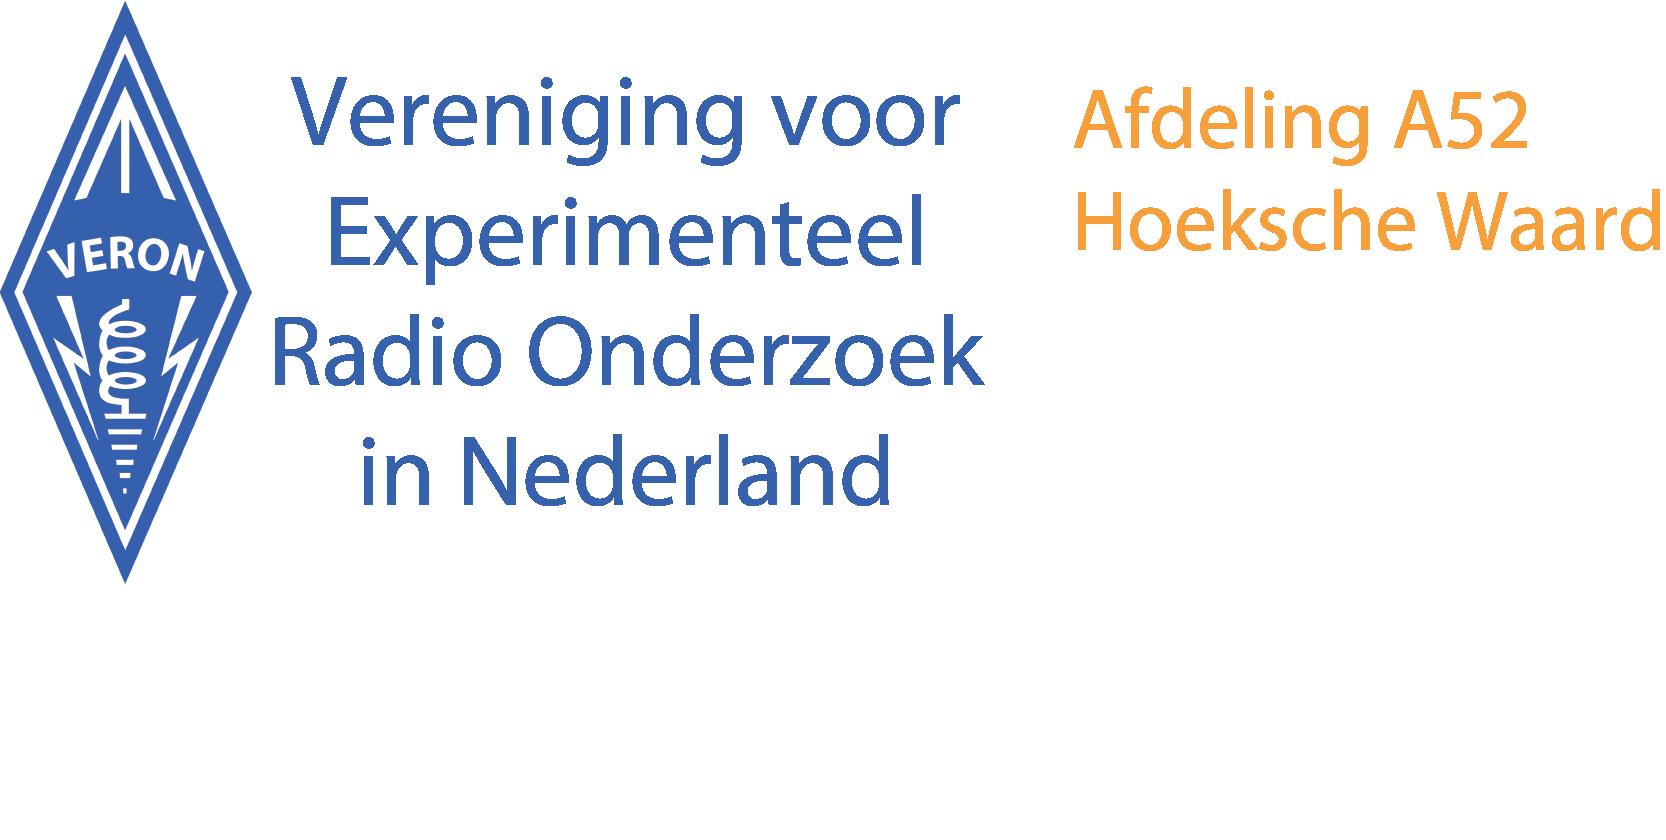 VERON a52 - Hoeksche Waard